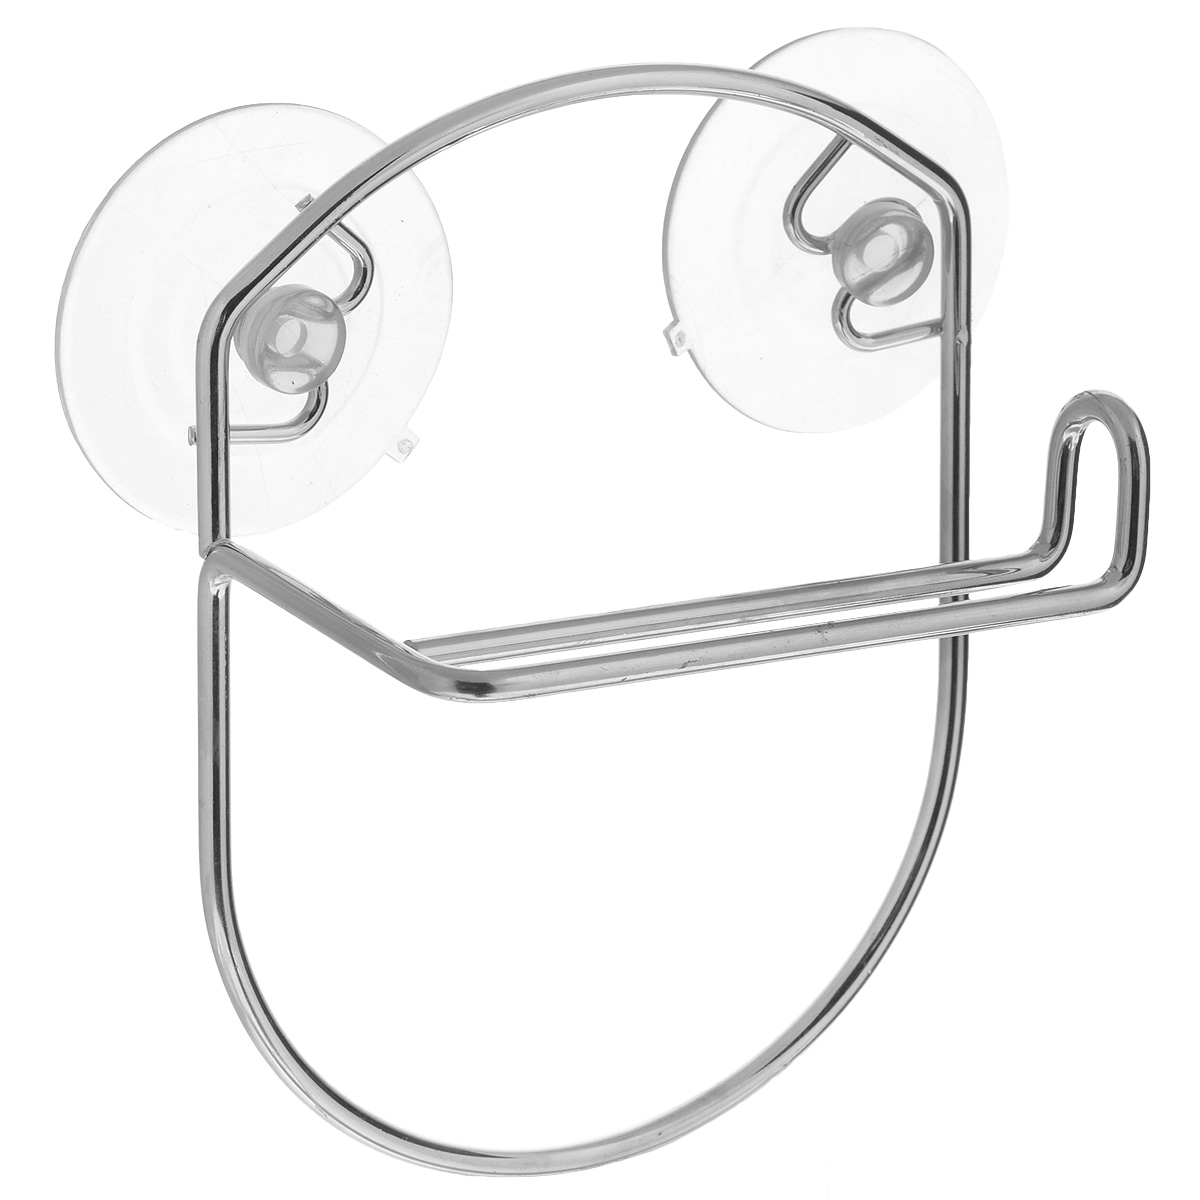 Держатель для туалетной бумаги LaSella, на присосках, цвет: металлик68/5/3Держатель для туалетной бумаги LaSella изготовлен из высококачественной стали с хромированным покрытием, которое устойчиво к влажности и перепадам температуры. Держатель поможет оформить интерьер в выбранном стиле, разбавляя пространство туалетной комнаты различными элементами. Он хорошо впишется в любой интерьер, придавая ему черты современности. Для большего удобства изделие крепится к поверхностям с помощью двух присосок из поливинилхлорида (входят в комплект), что дает возможность при необходимости менять их месторасположение. Размер держателя: 13,5 см х 17,5 см х 7 см. Диаметр присоски: 6,5 см.